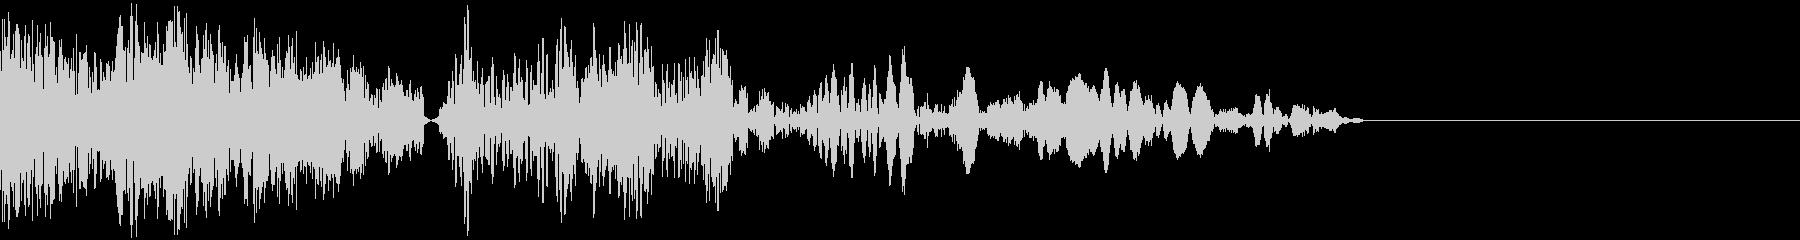 ピチューン (ボタン・開始音・打撃音)の未再生の波形